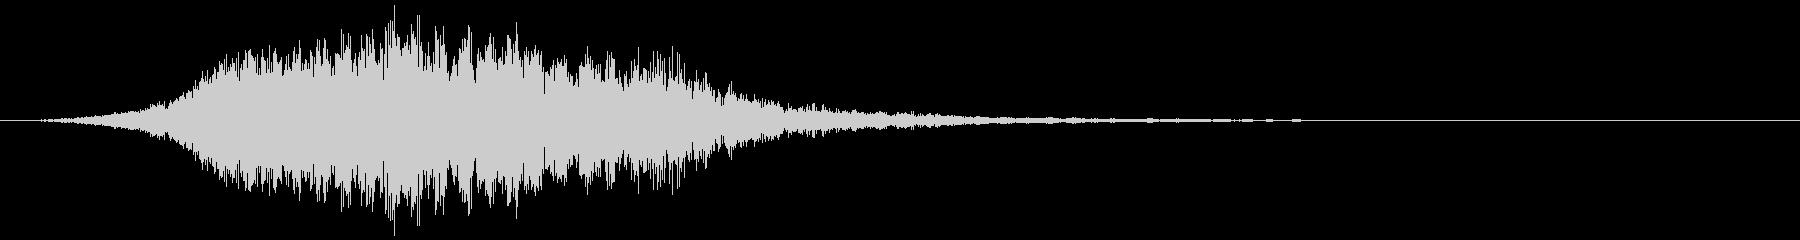 【ホラー】SFX_10 不安の未再生の波形